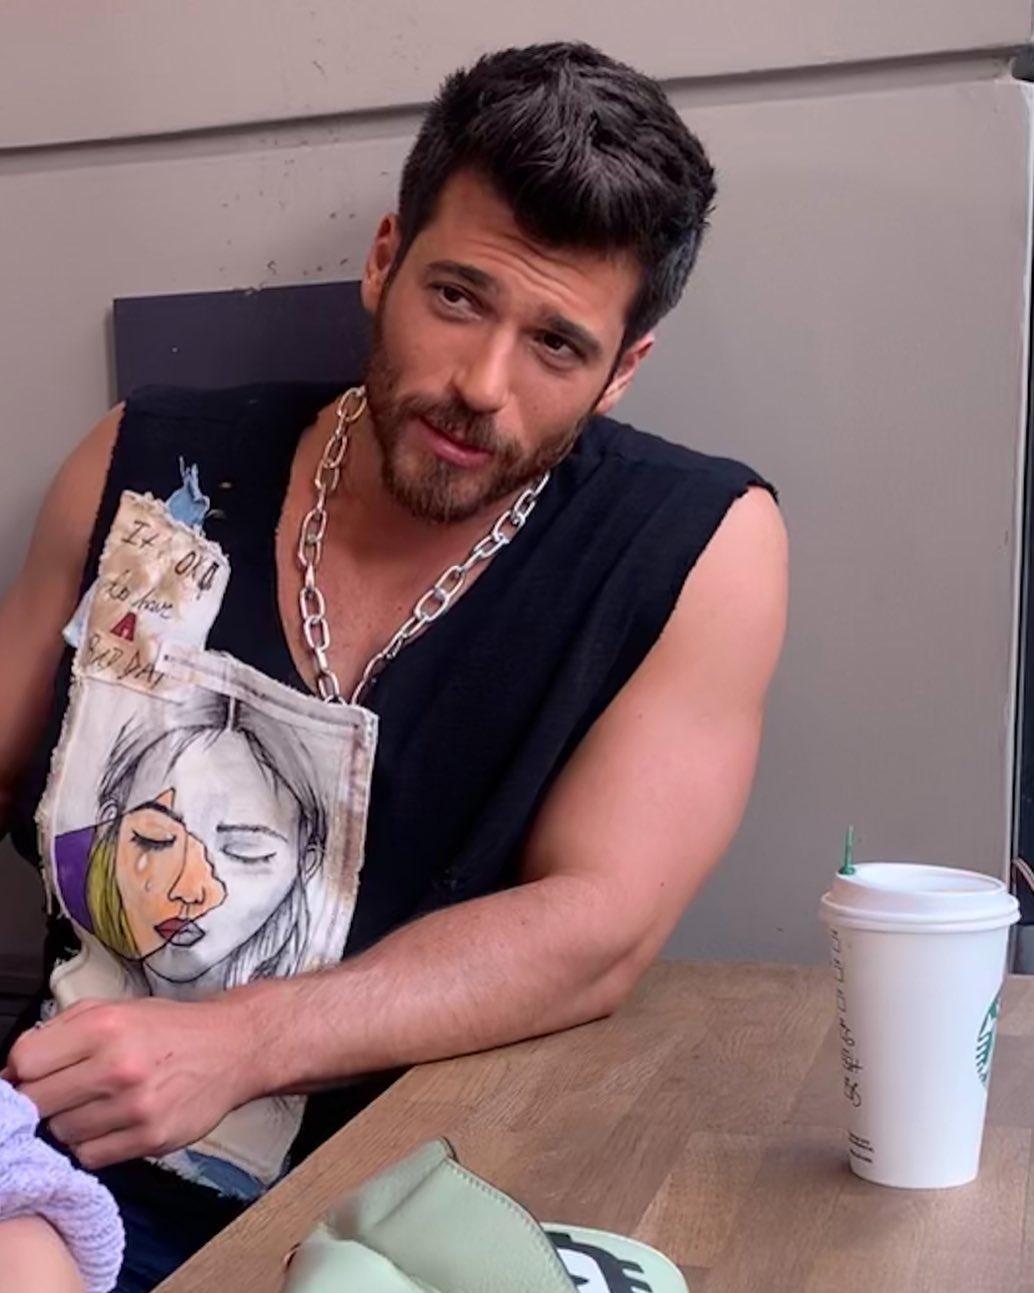 Il nuovo sex symbol è Can Yaman, attore turco di grande fama